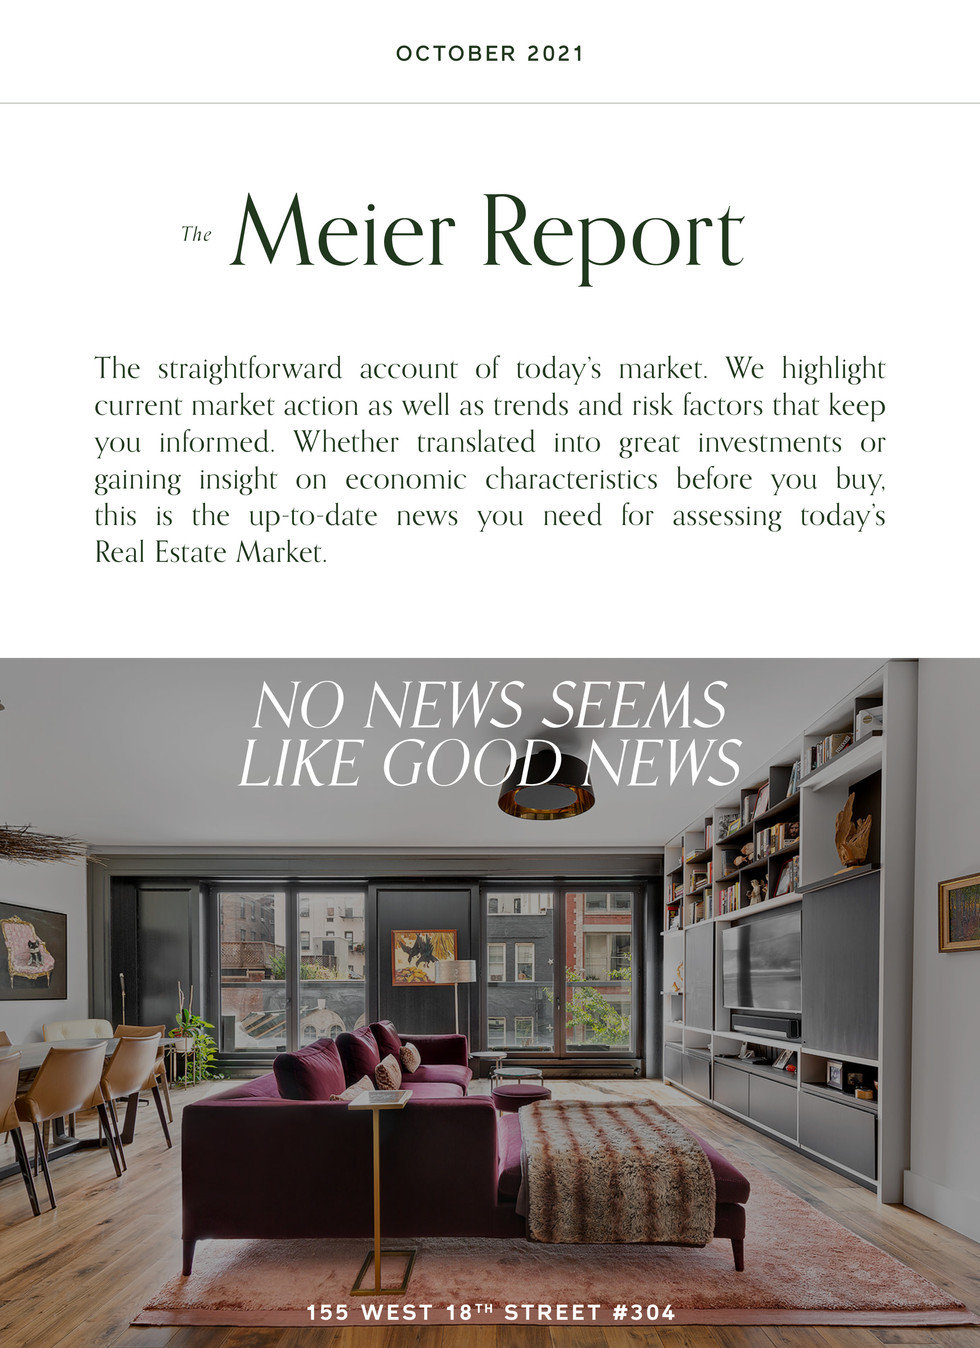 Meier_Report_01021_Hubspot.jpg